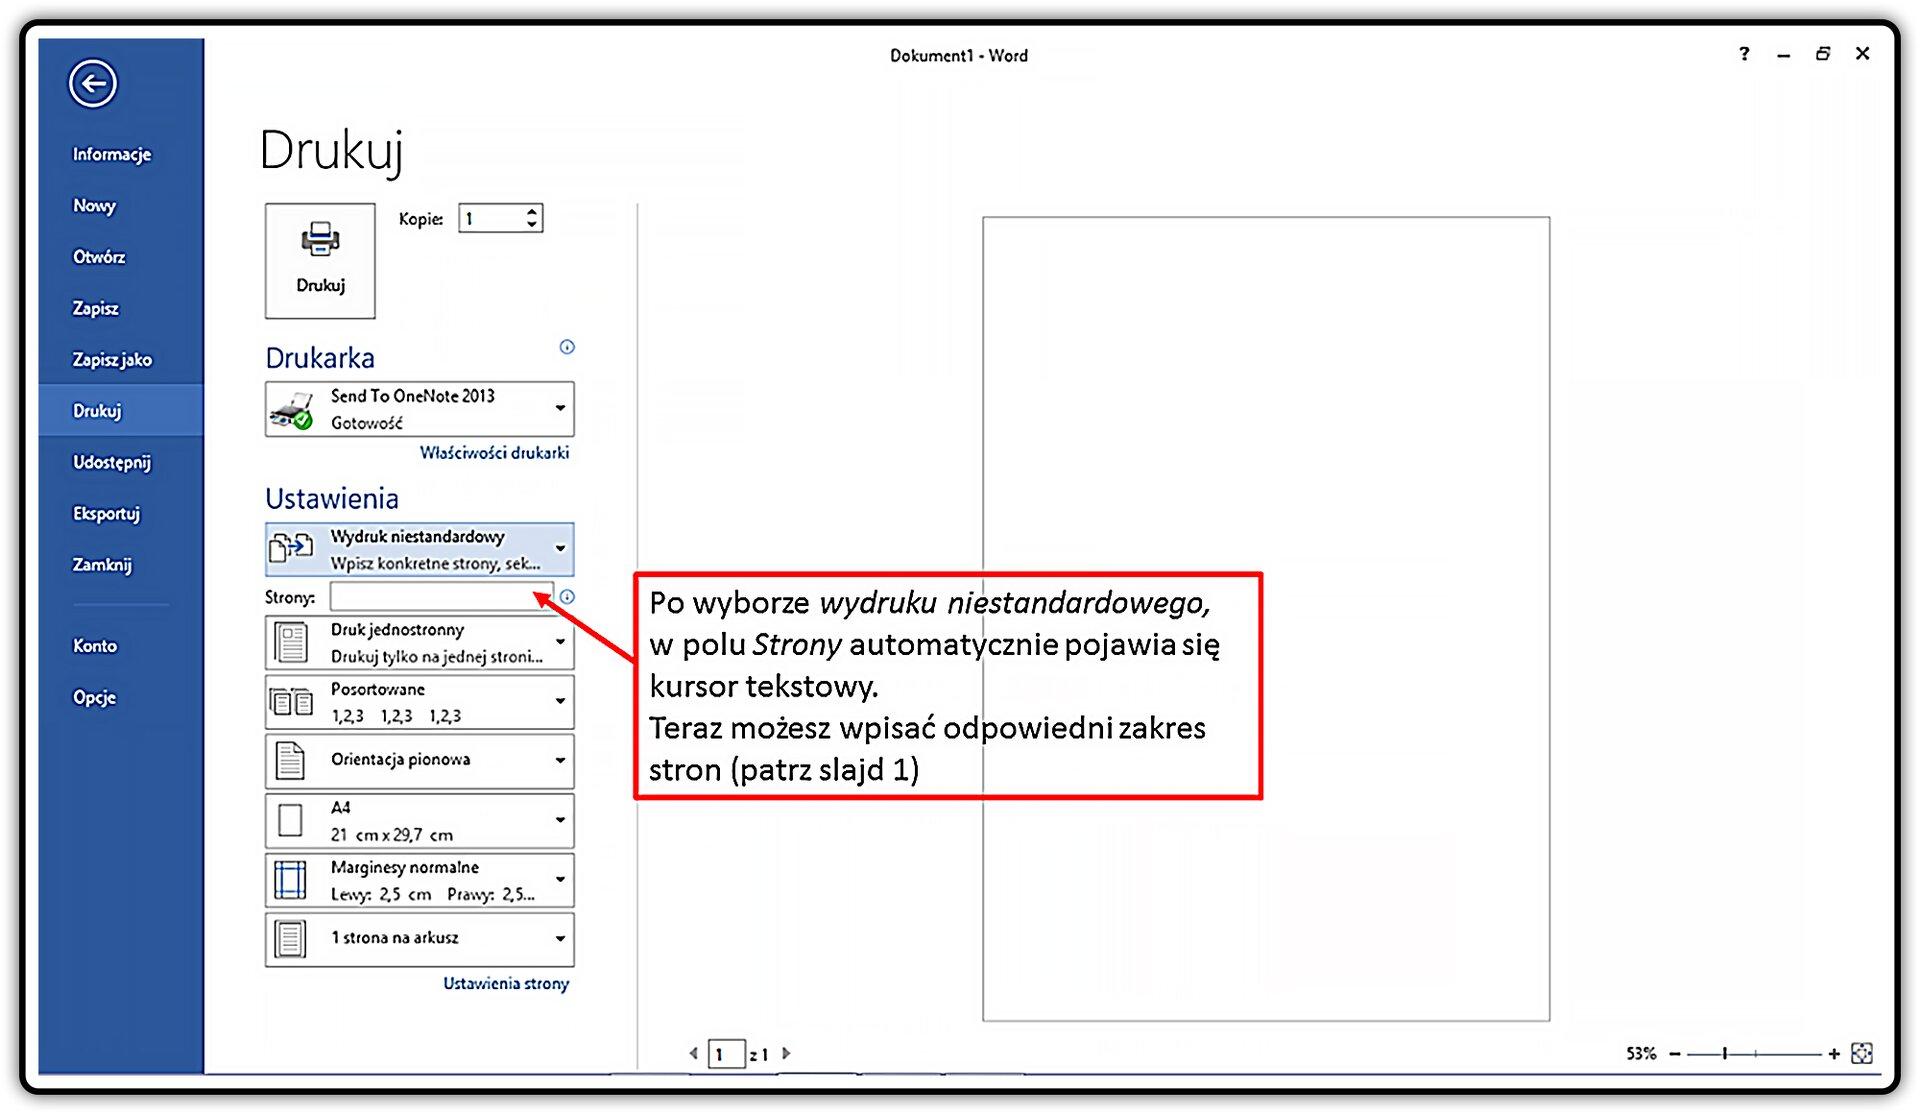 Slajd 4 galerii: Wjaki sposób przygotować wydruk dokumentu wprogramie MS Word